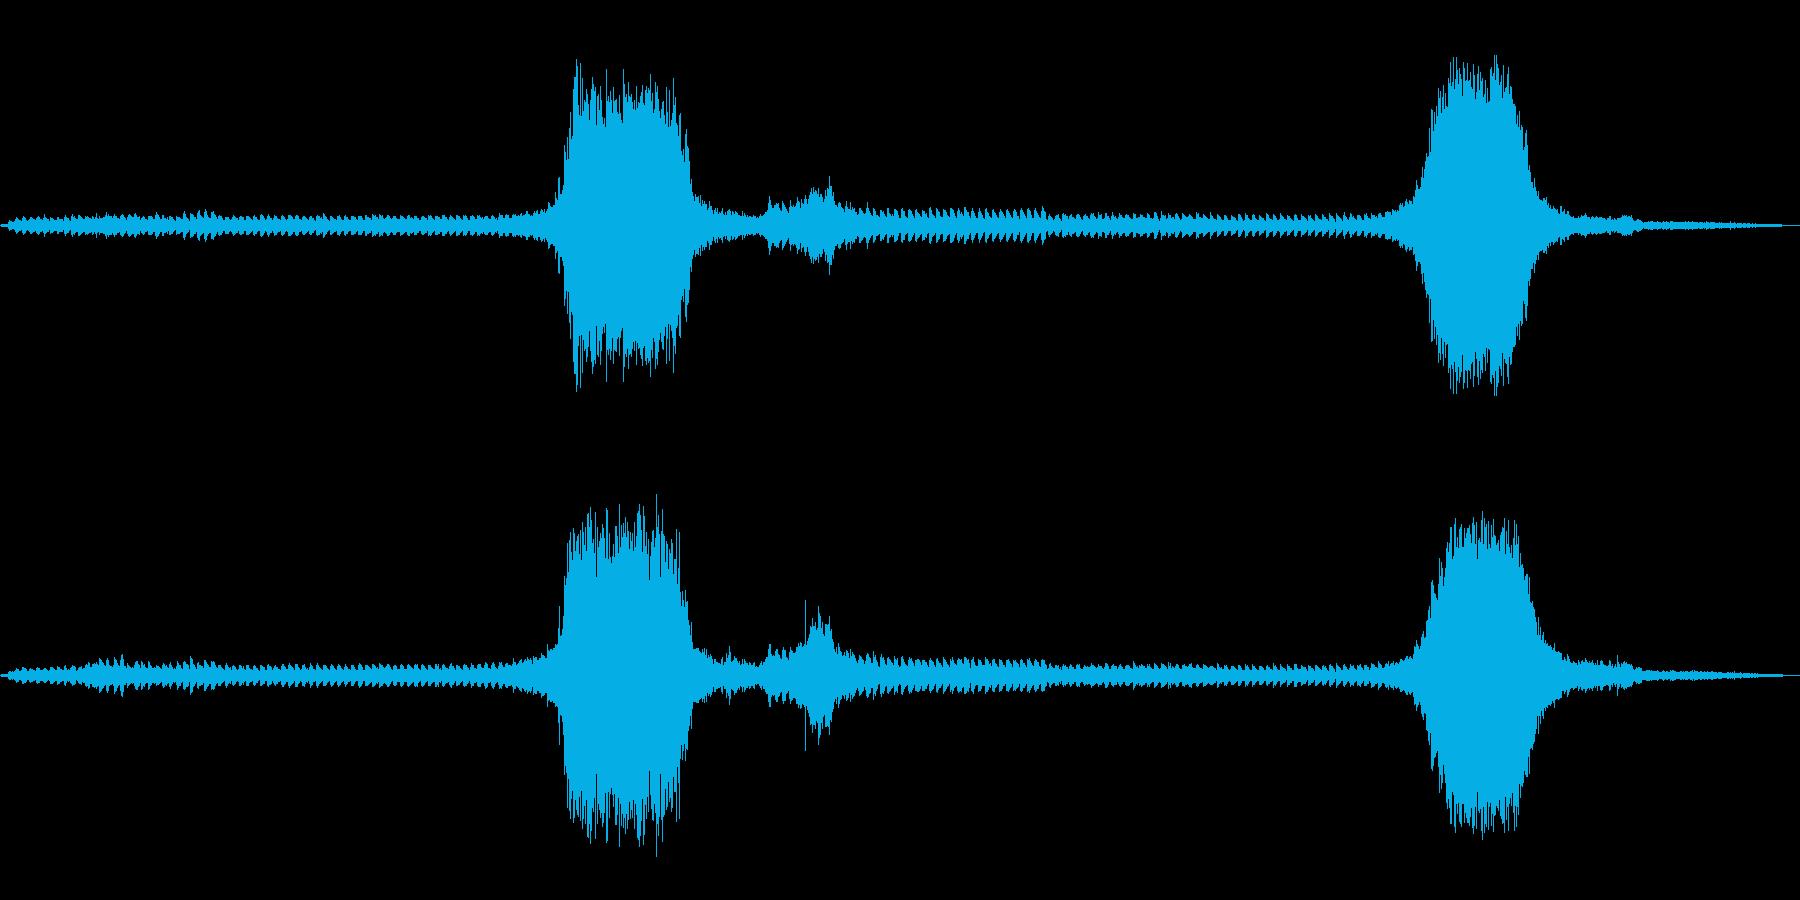 【環境音】踏切の音の再生済みの波形